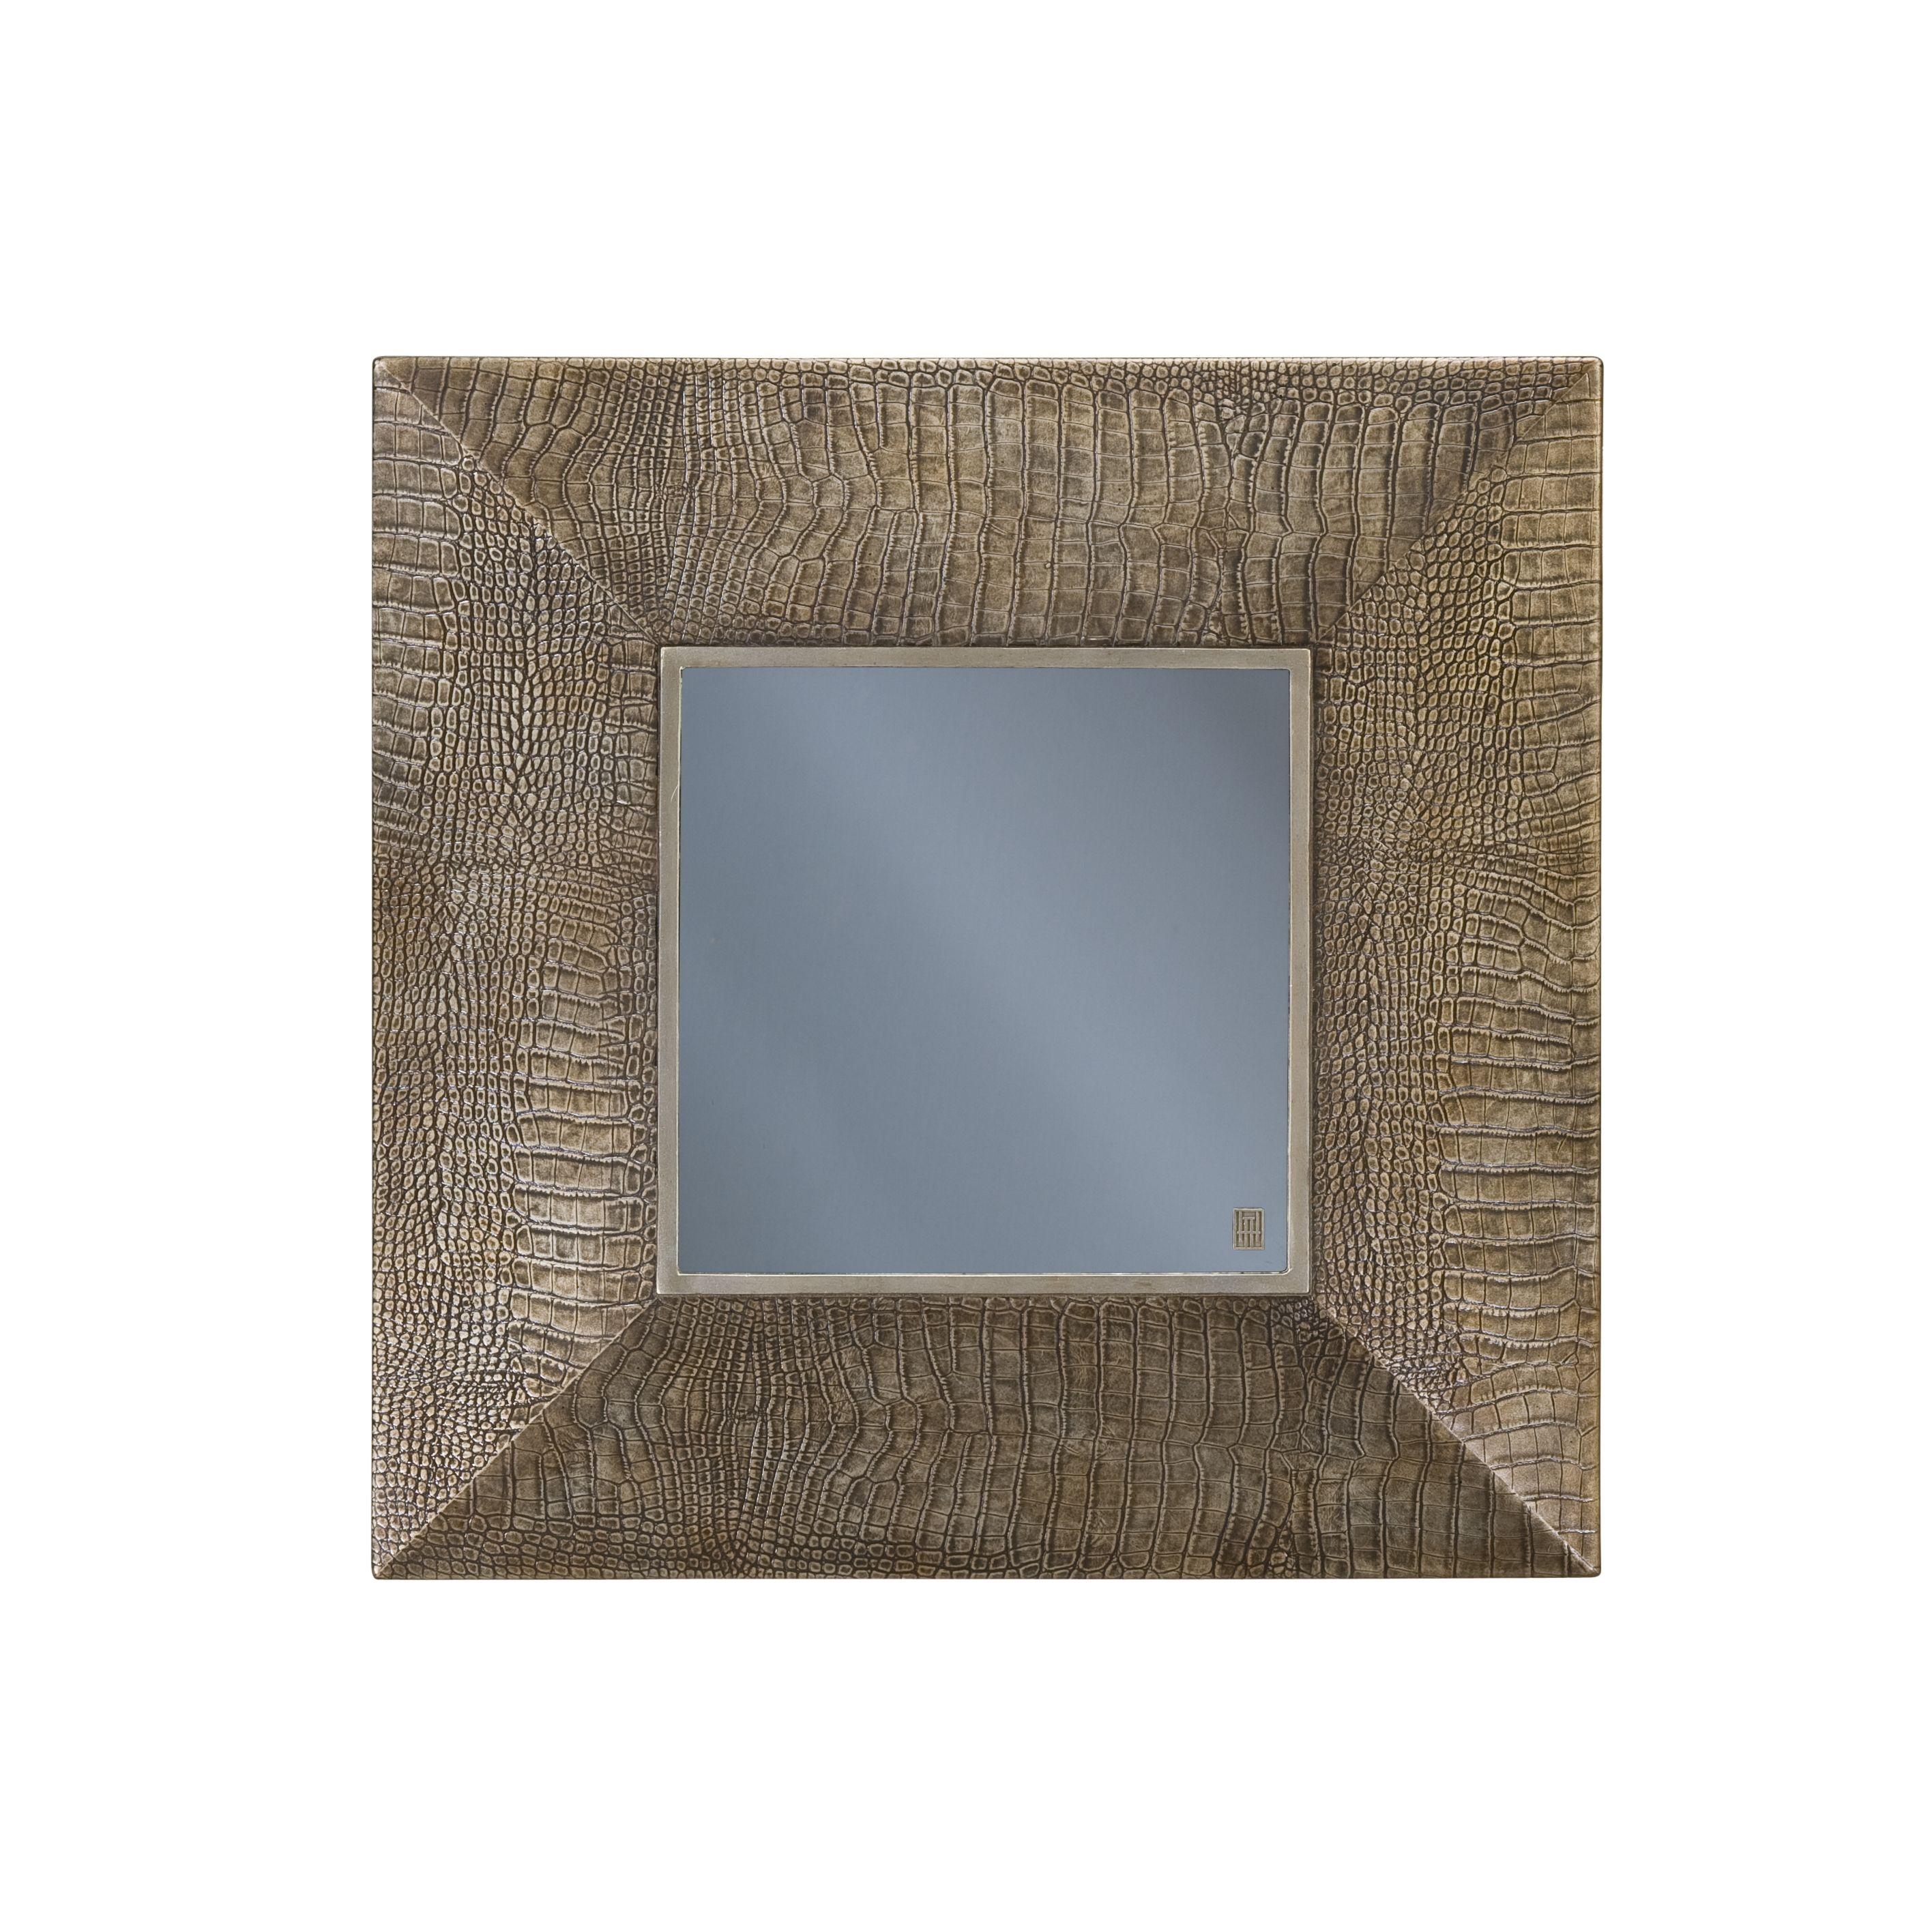 Adriana Hoyos Furniture Home Design Ideas And Pictures # Muebles Adriana Hoyos Quito